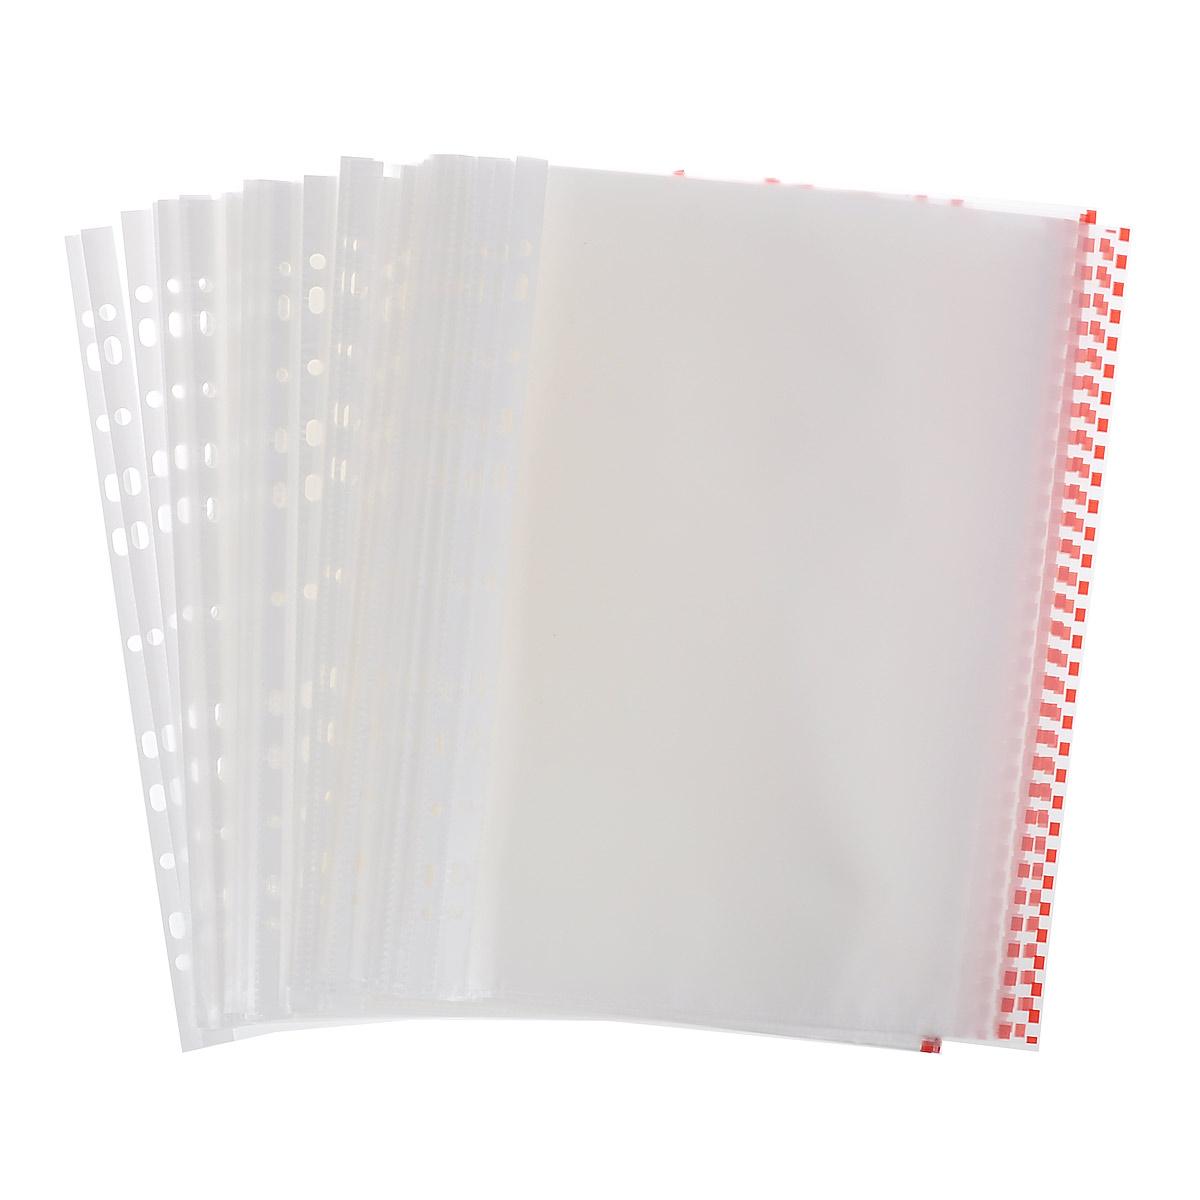 Перфофайл пластиковый ErichKrause Semi-Clear Economy, с цветной полосой, A4, прозрачный, красный, 100 шт